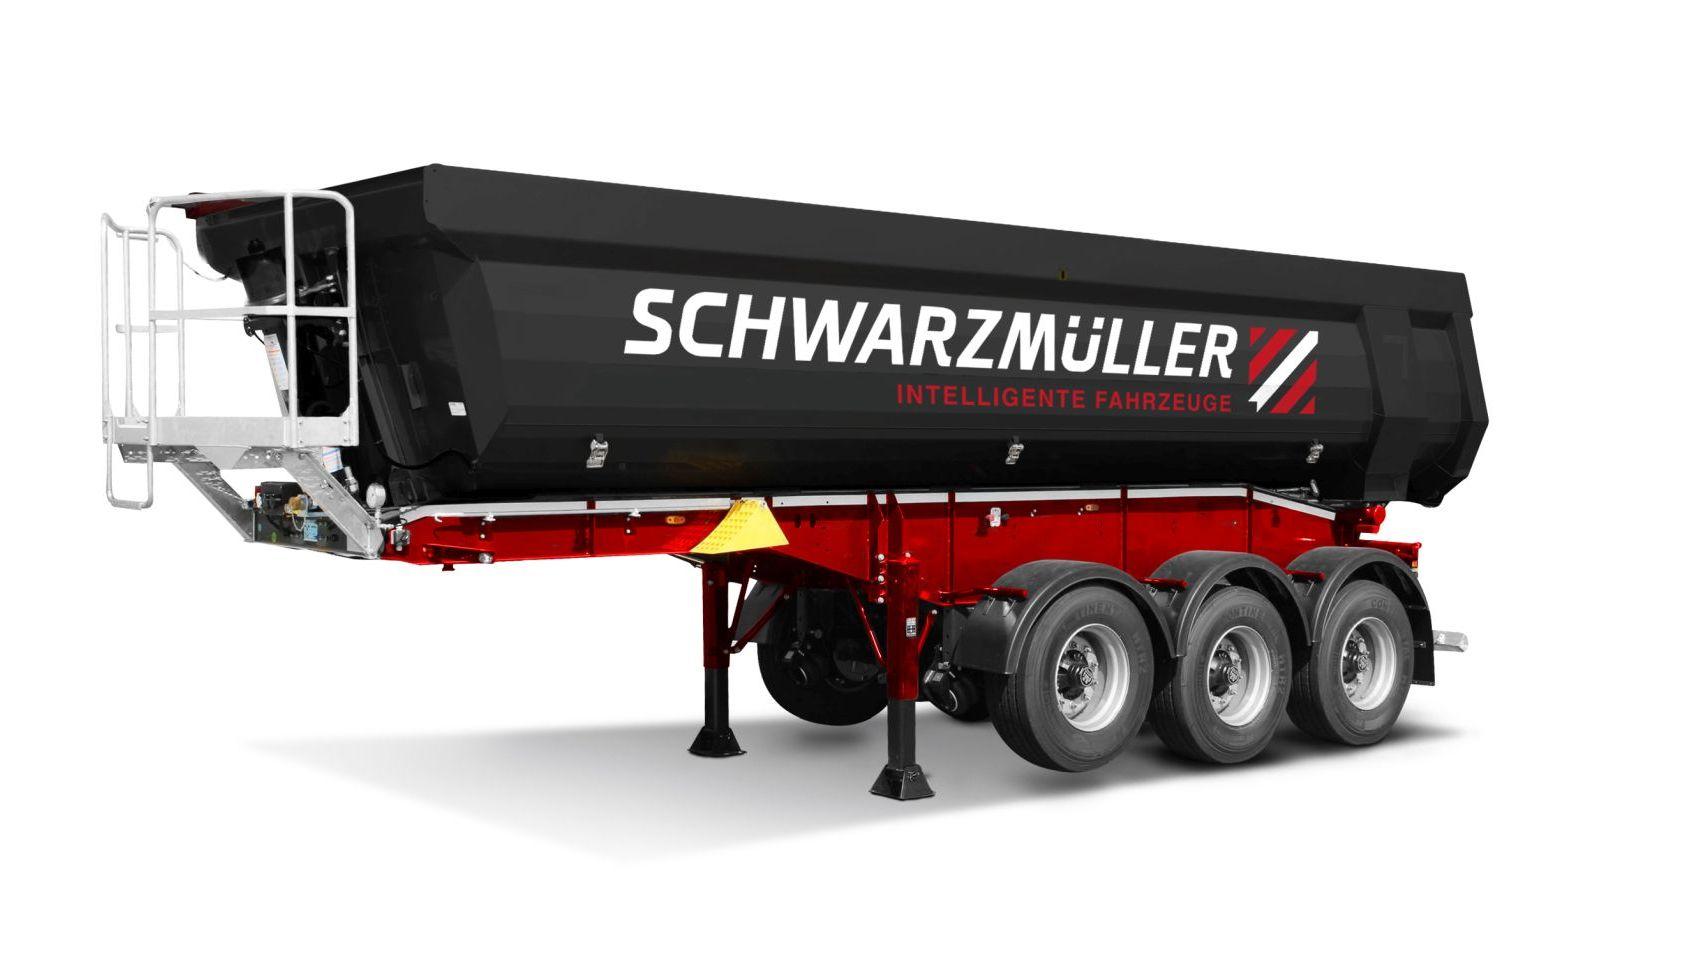 Преимущества и недостатки оригинальных запчастей Schwarzmueller